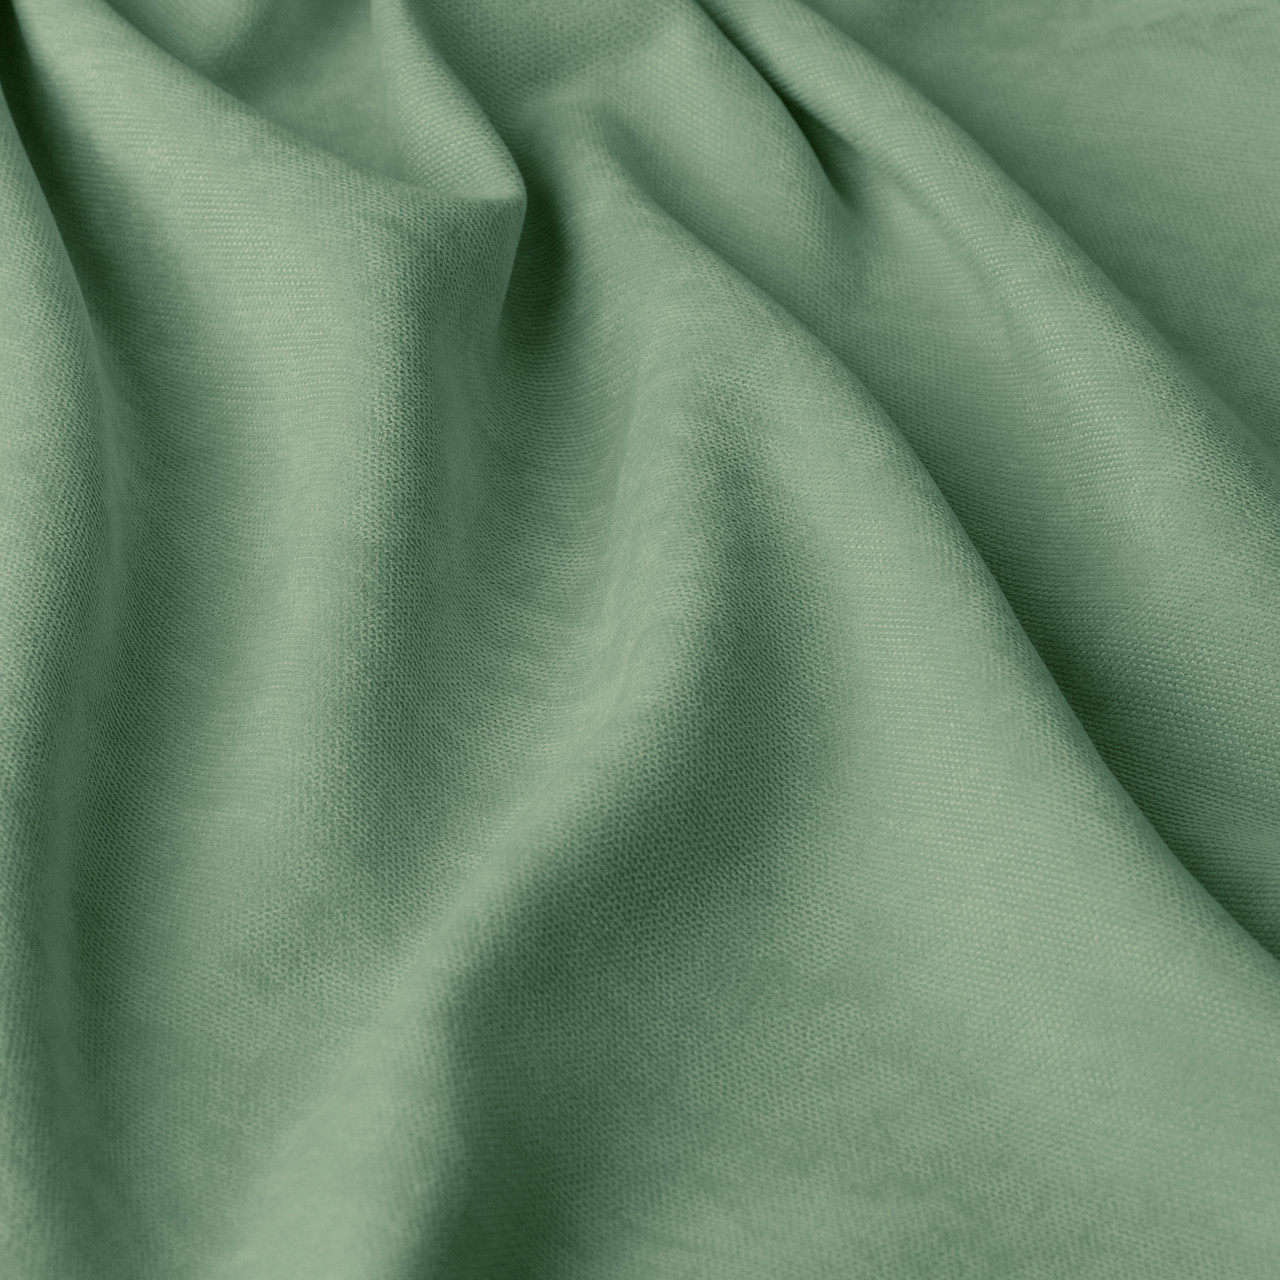 Однотонная декоративная ткань велюр салатного цвета Турция 84439v49